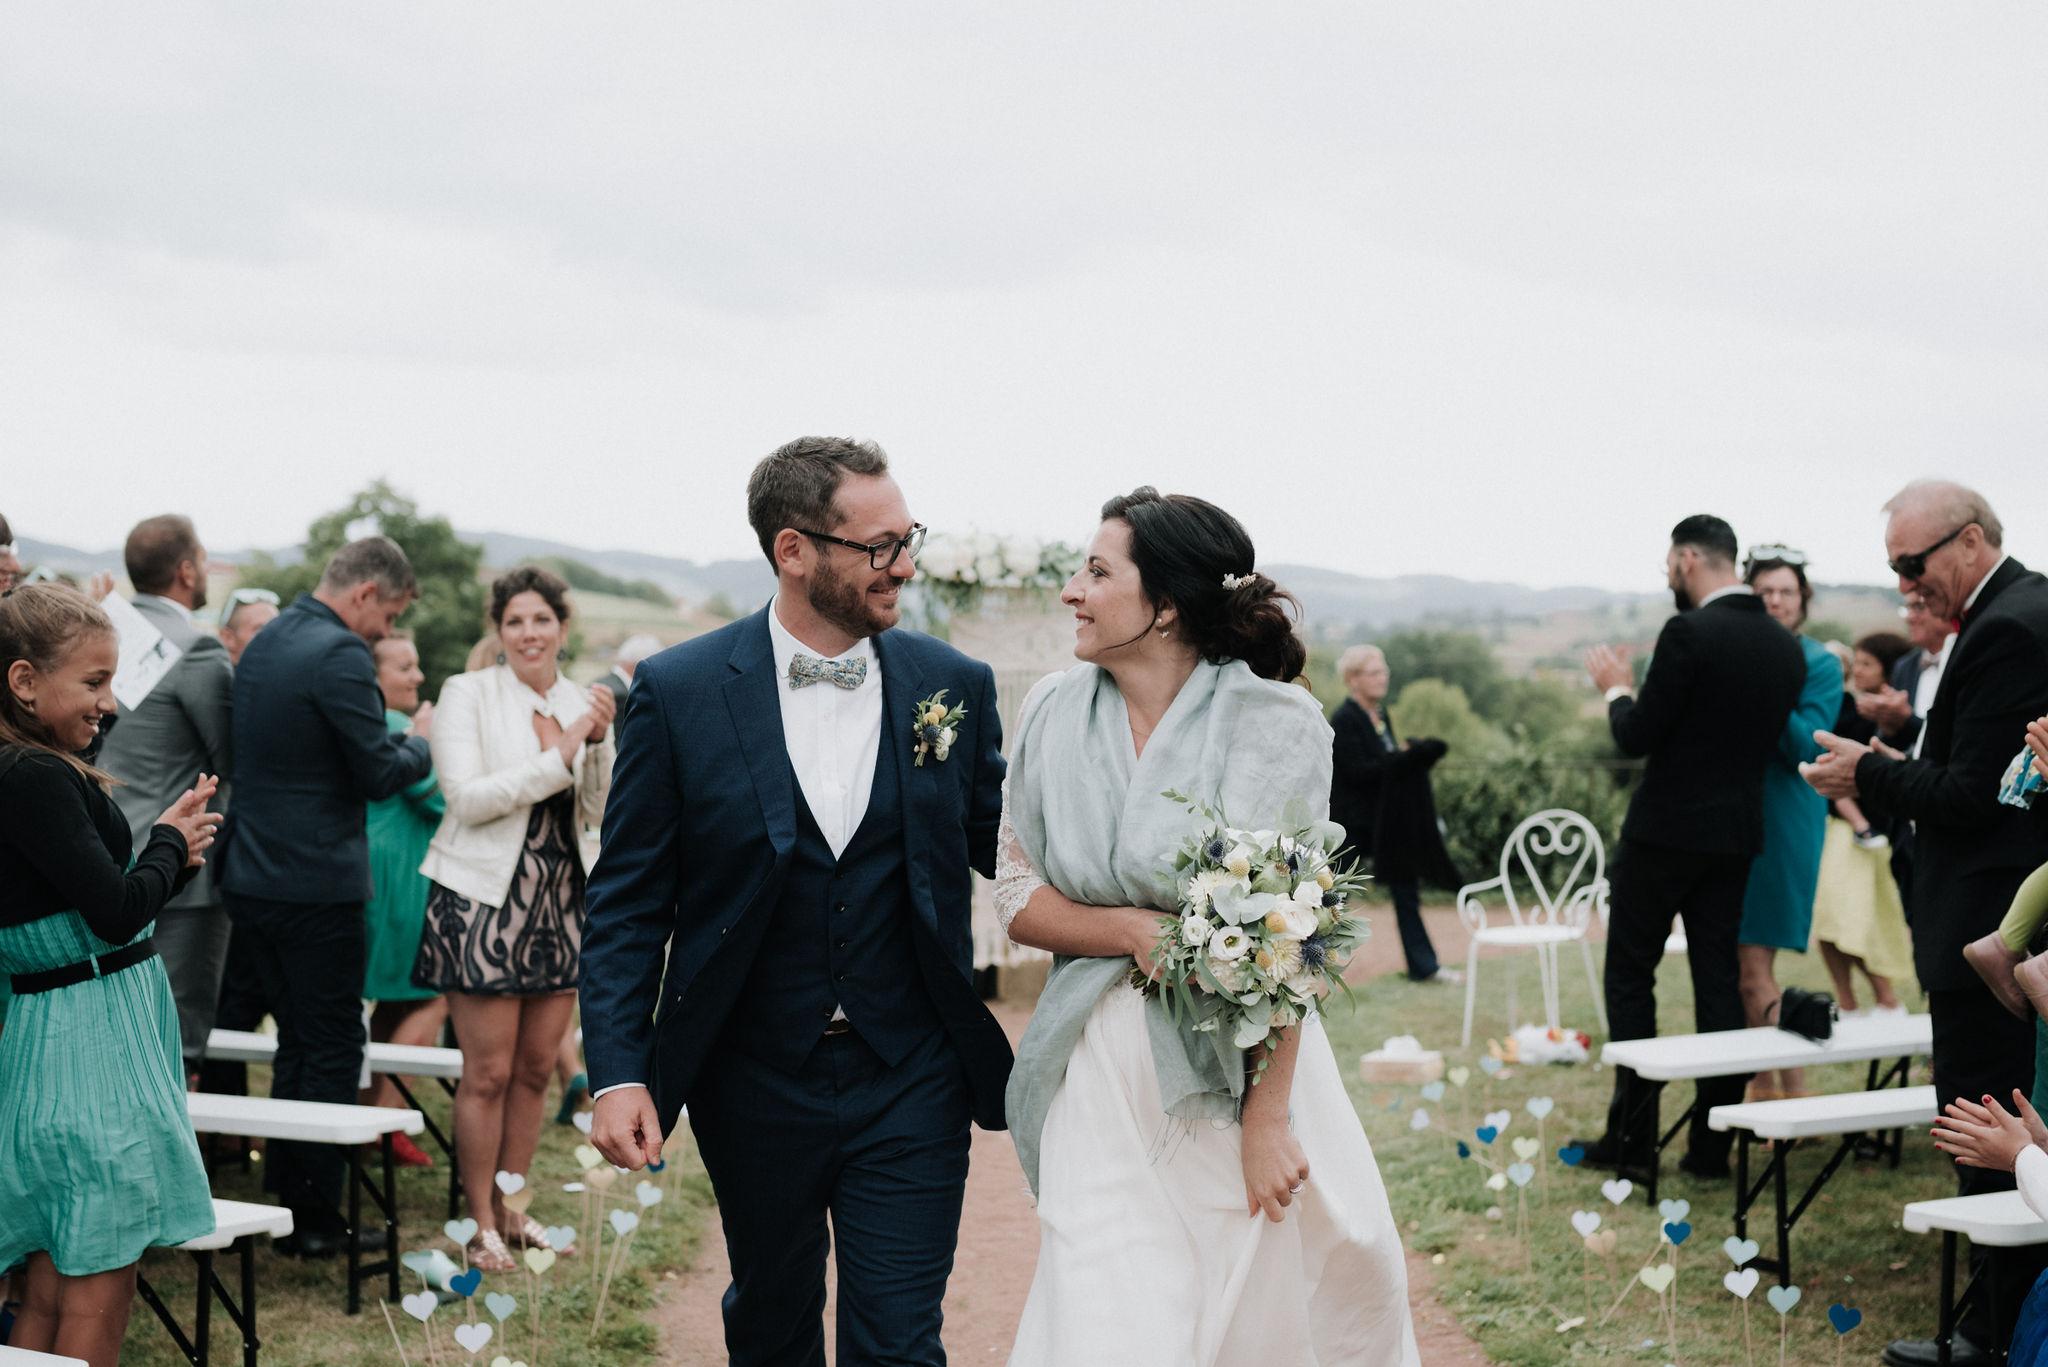 Léa-Fery-photographe-professionnel-lyon-rhone-alpes-portrait-creation-mariage-evenement-evenementiel-famille--115.jpg